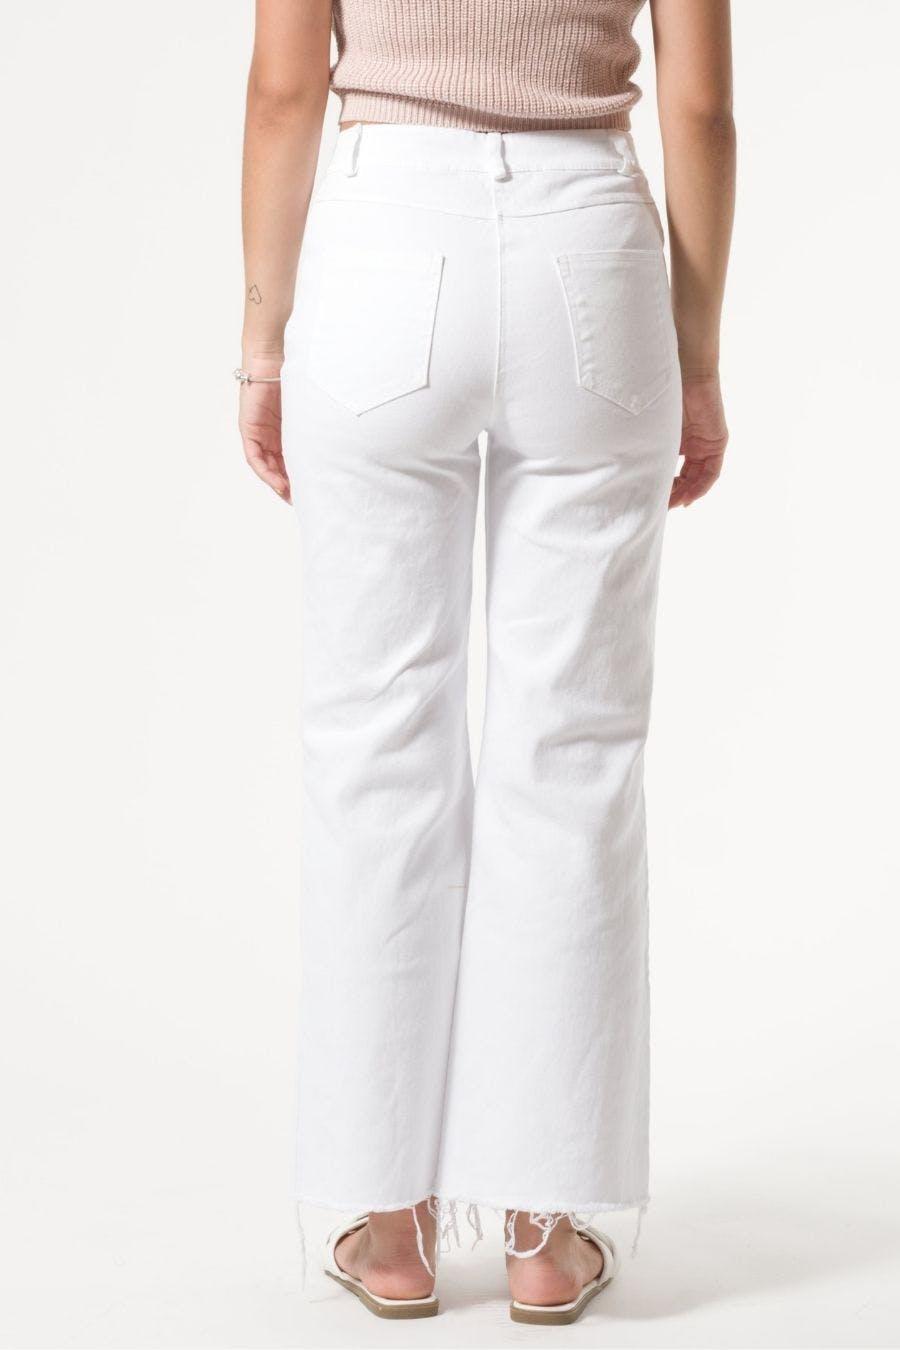 Pantalón detalle rotos